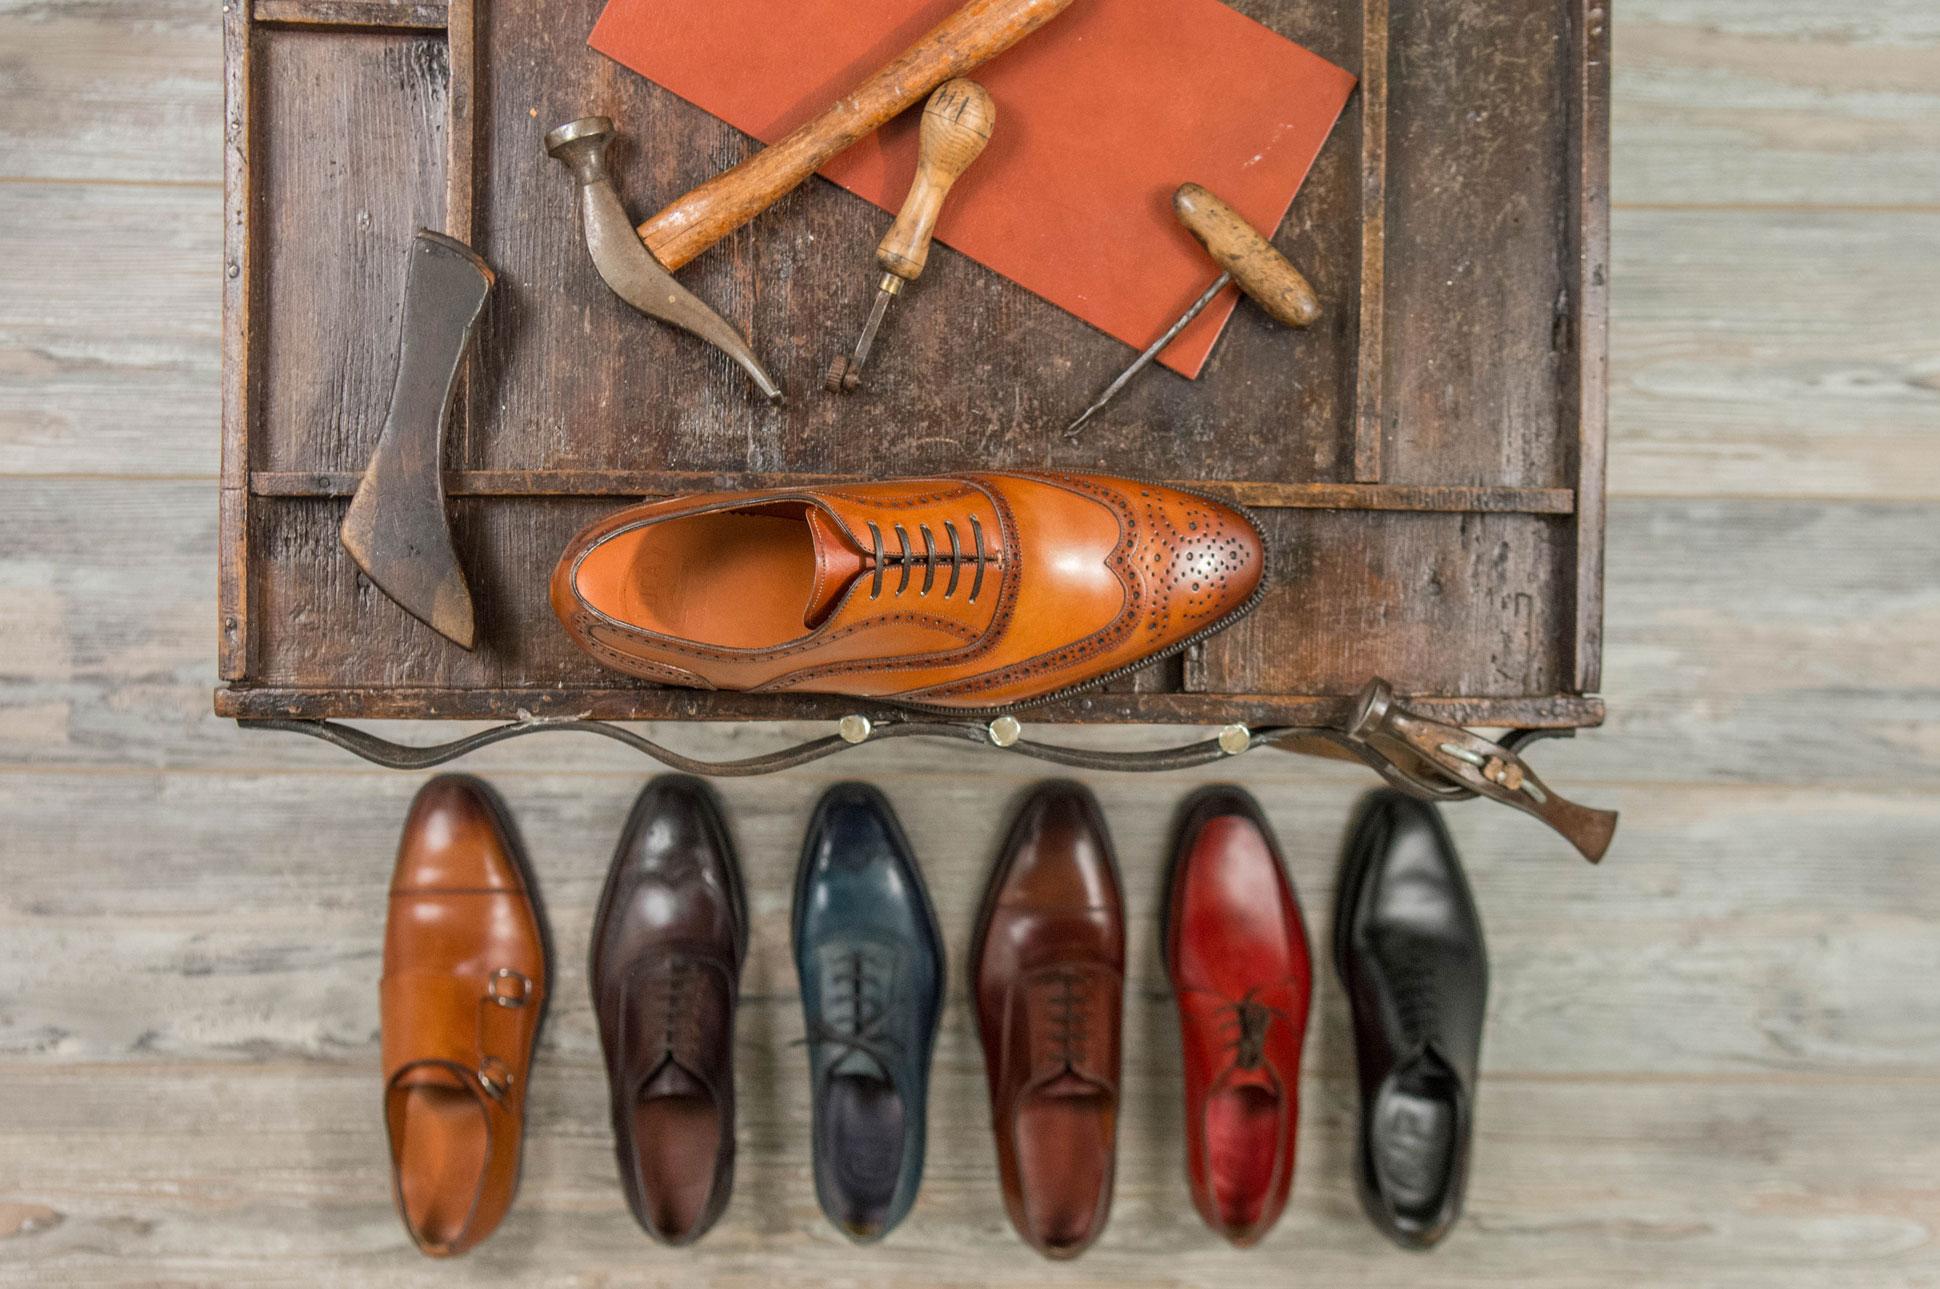 Scarpe da uomo artigianali fatte a mano in italia.